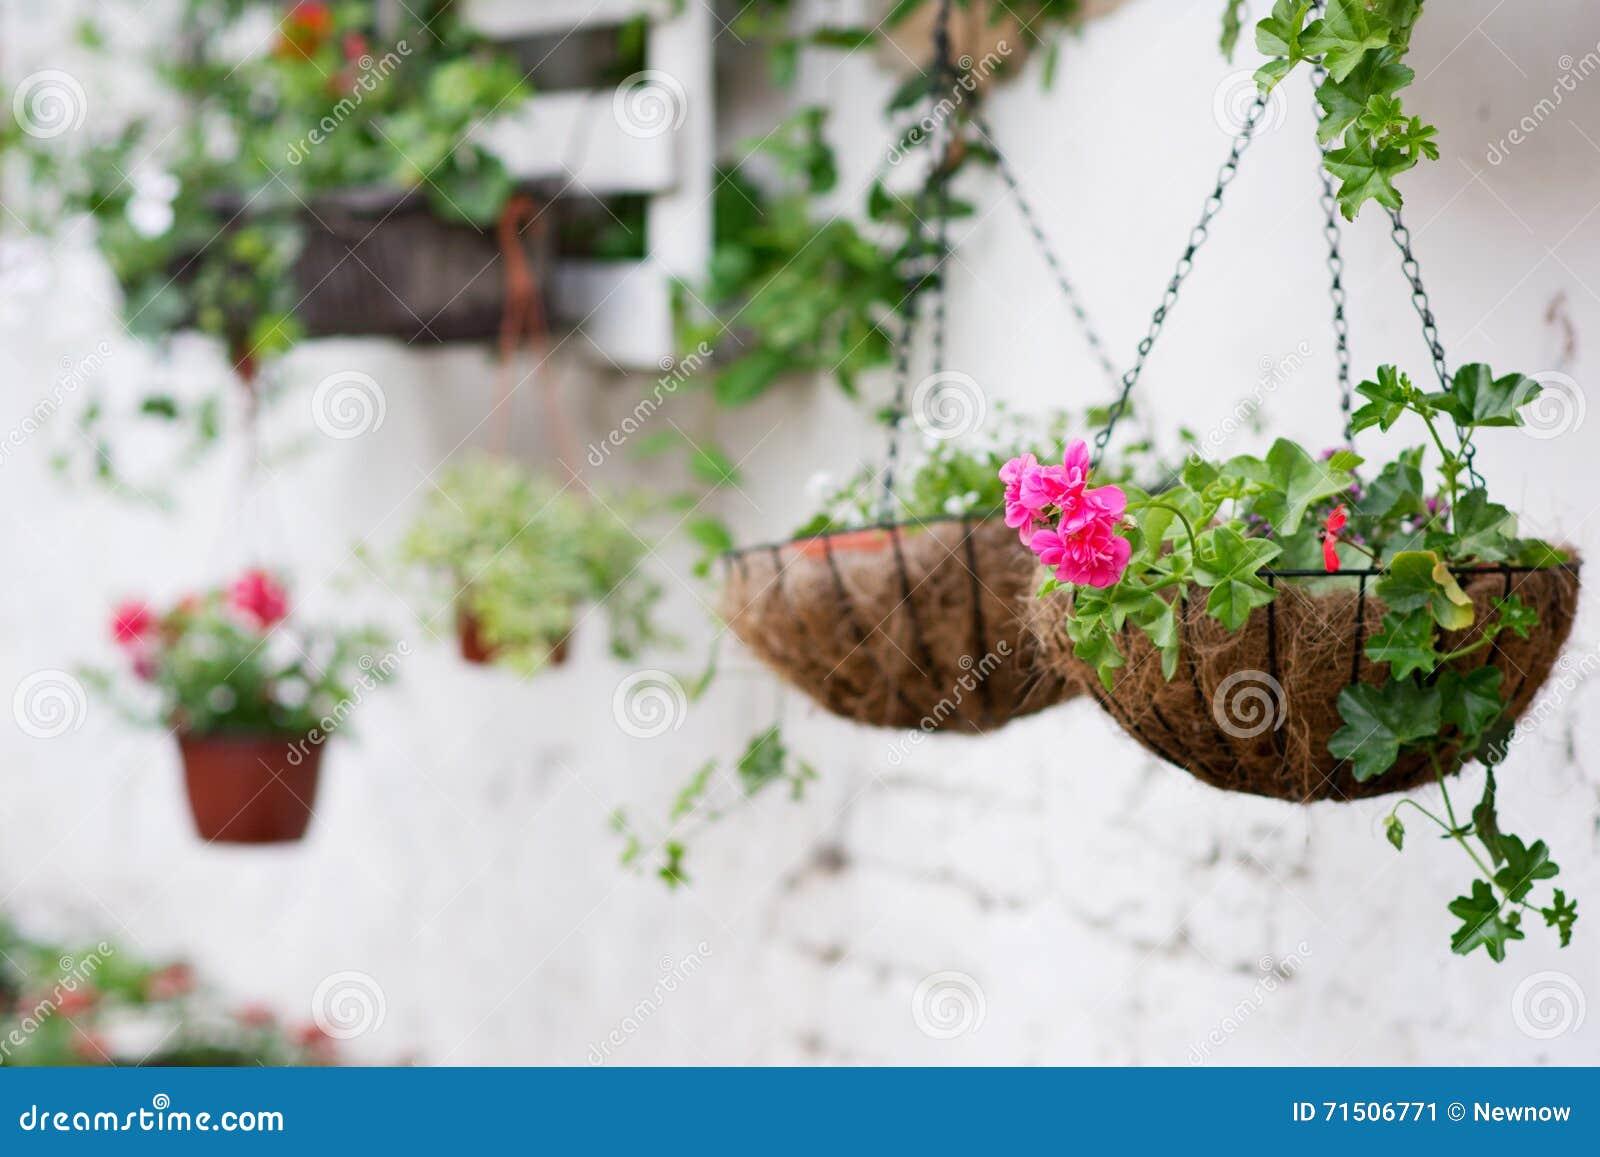 Idee Per Vasi Da Fiori idee del pallet per fare il giardinaggio immagine stock